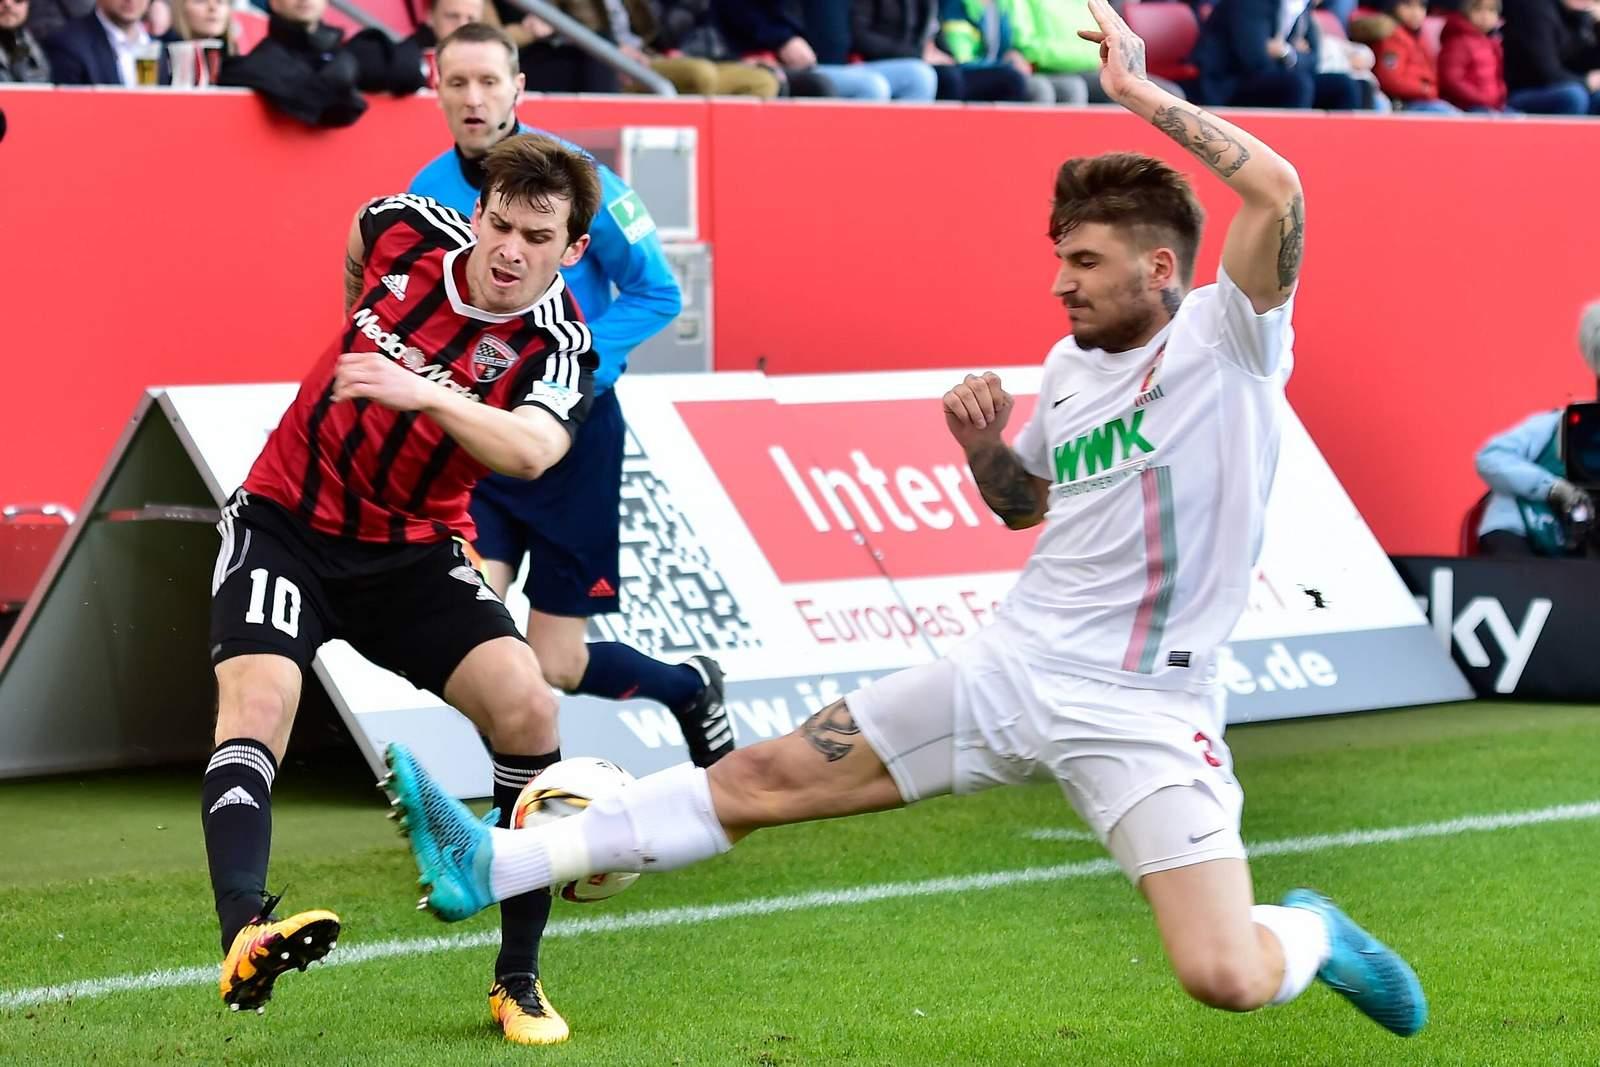 Konstantinos Stafylidis will die Flanke von Pascal Groß verhindern. Jetzt auf Ingolstadt gegen Augsburg wetten!